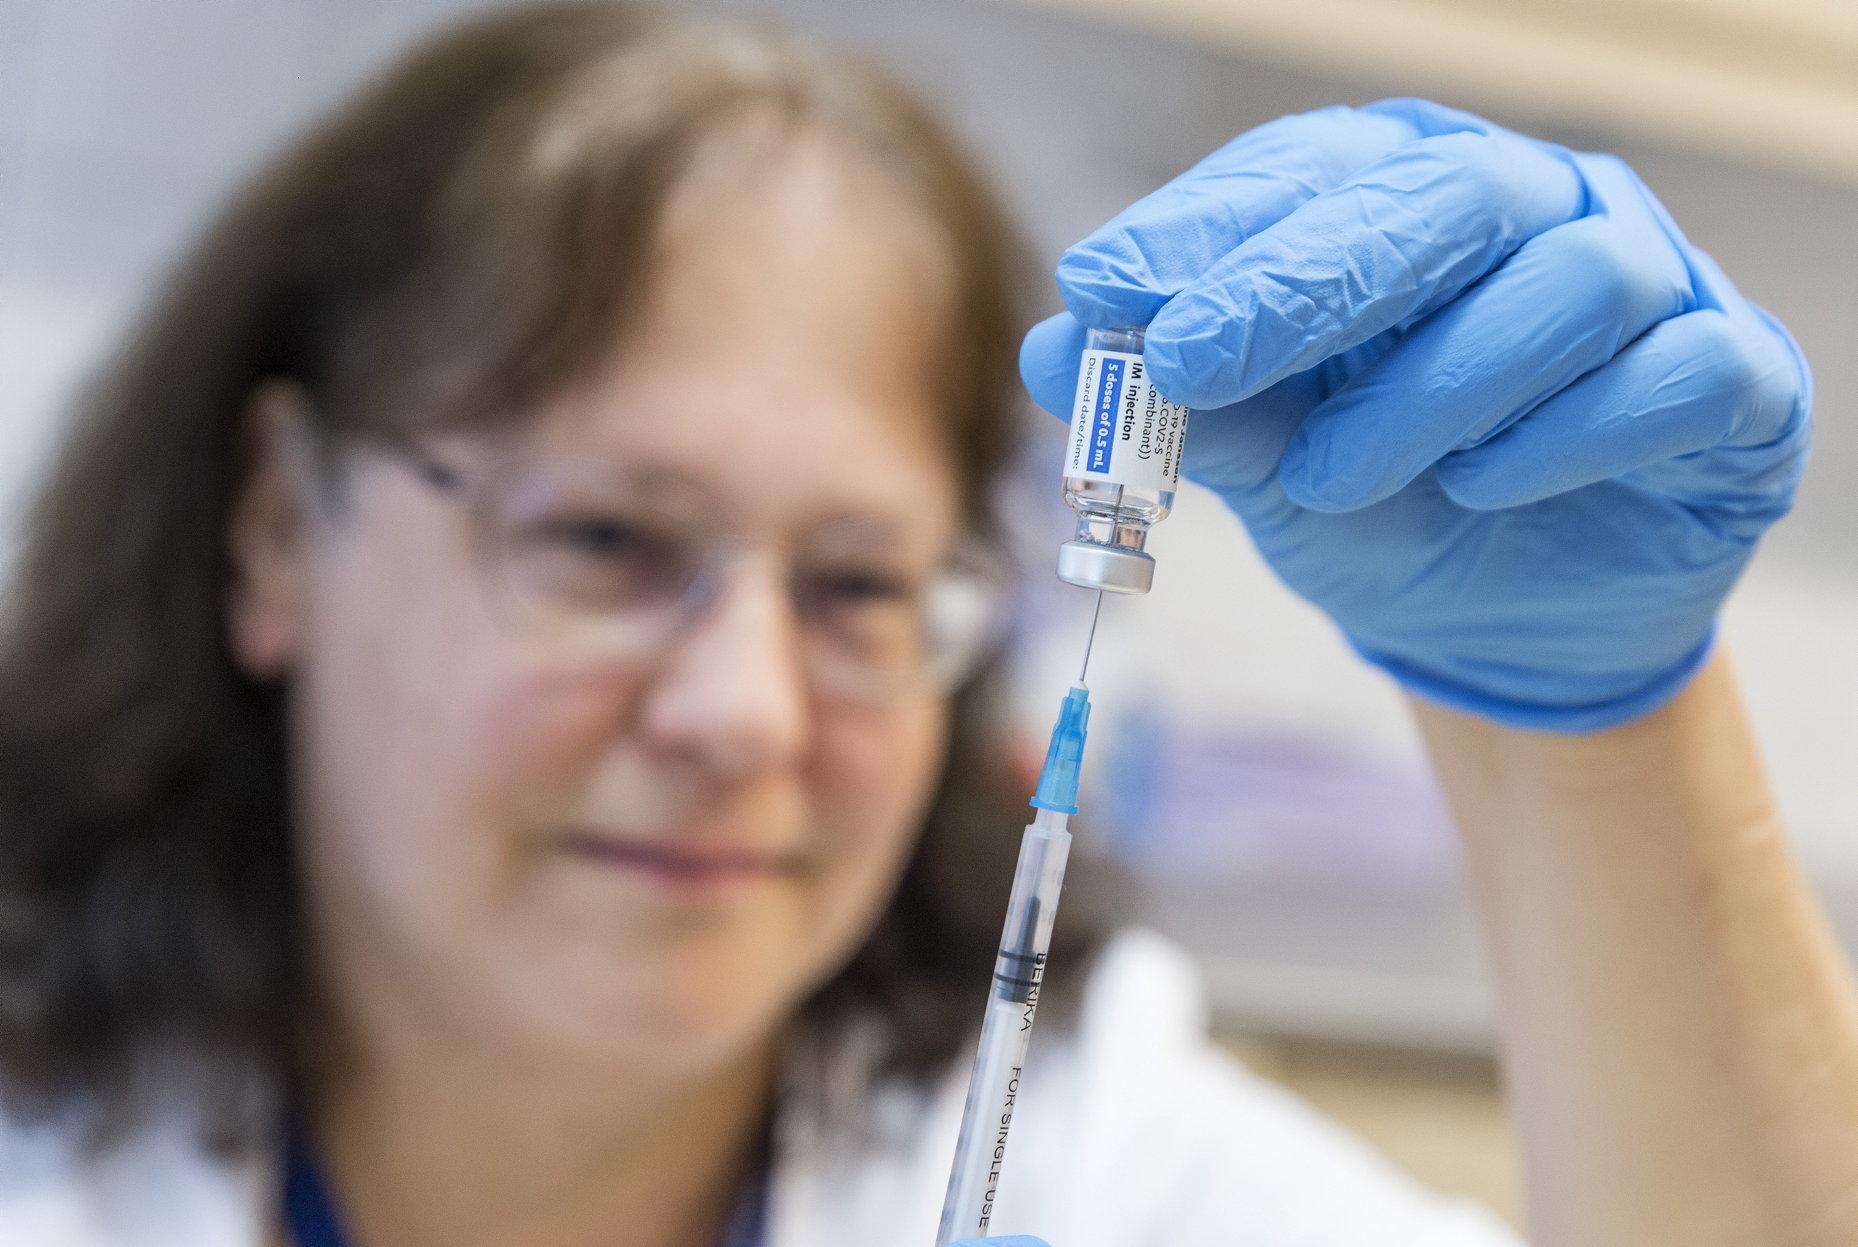 Ungarn gibt als erstes Land in Europa grünes Licht für Auffrischungsimpfung